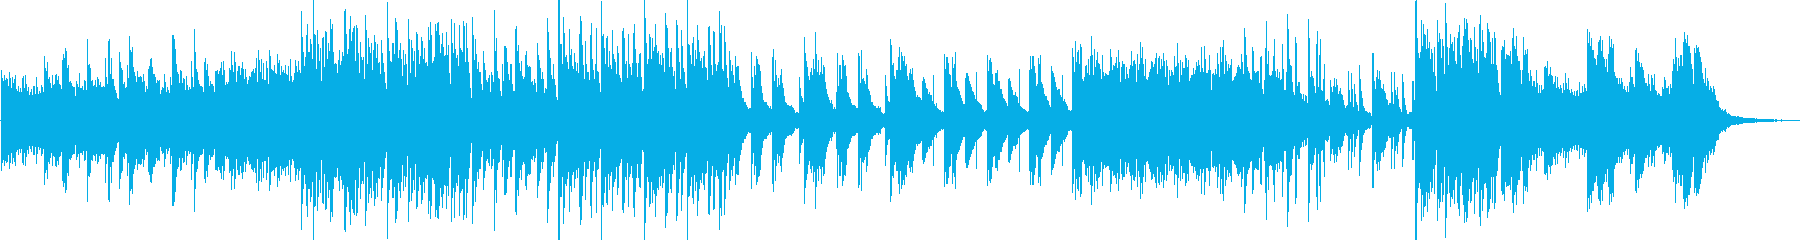 幻想的で不思議なピアノエレクトロニカの再生済みの波形